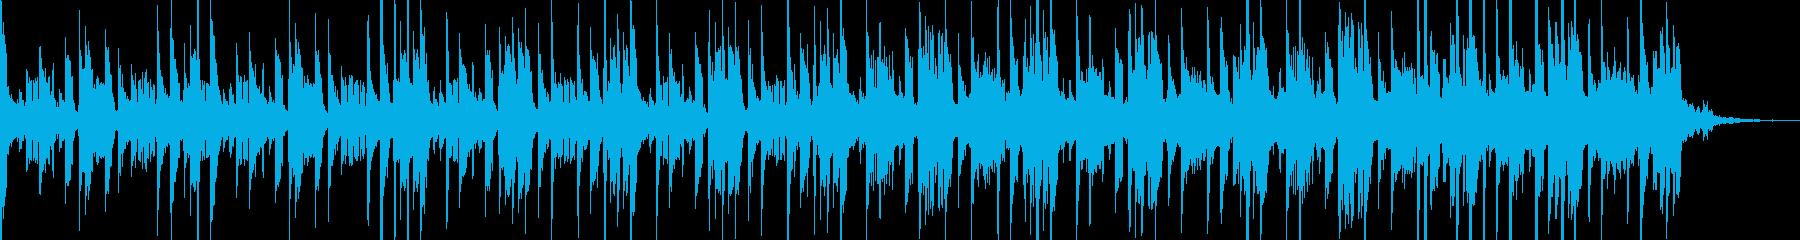 淡々とした緊張感のテクノ30秒の再生済みの波形